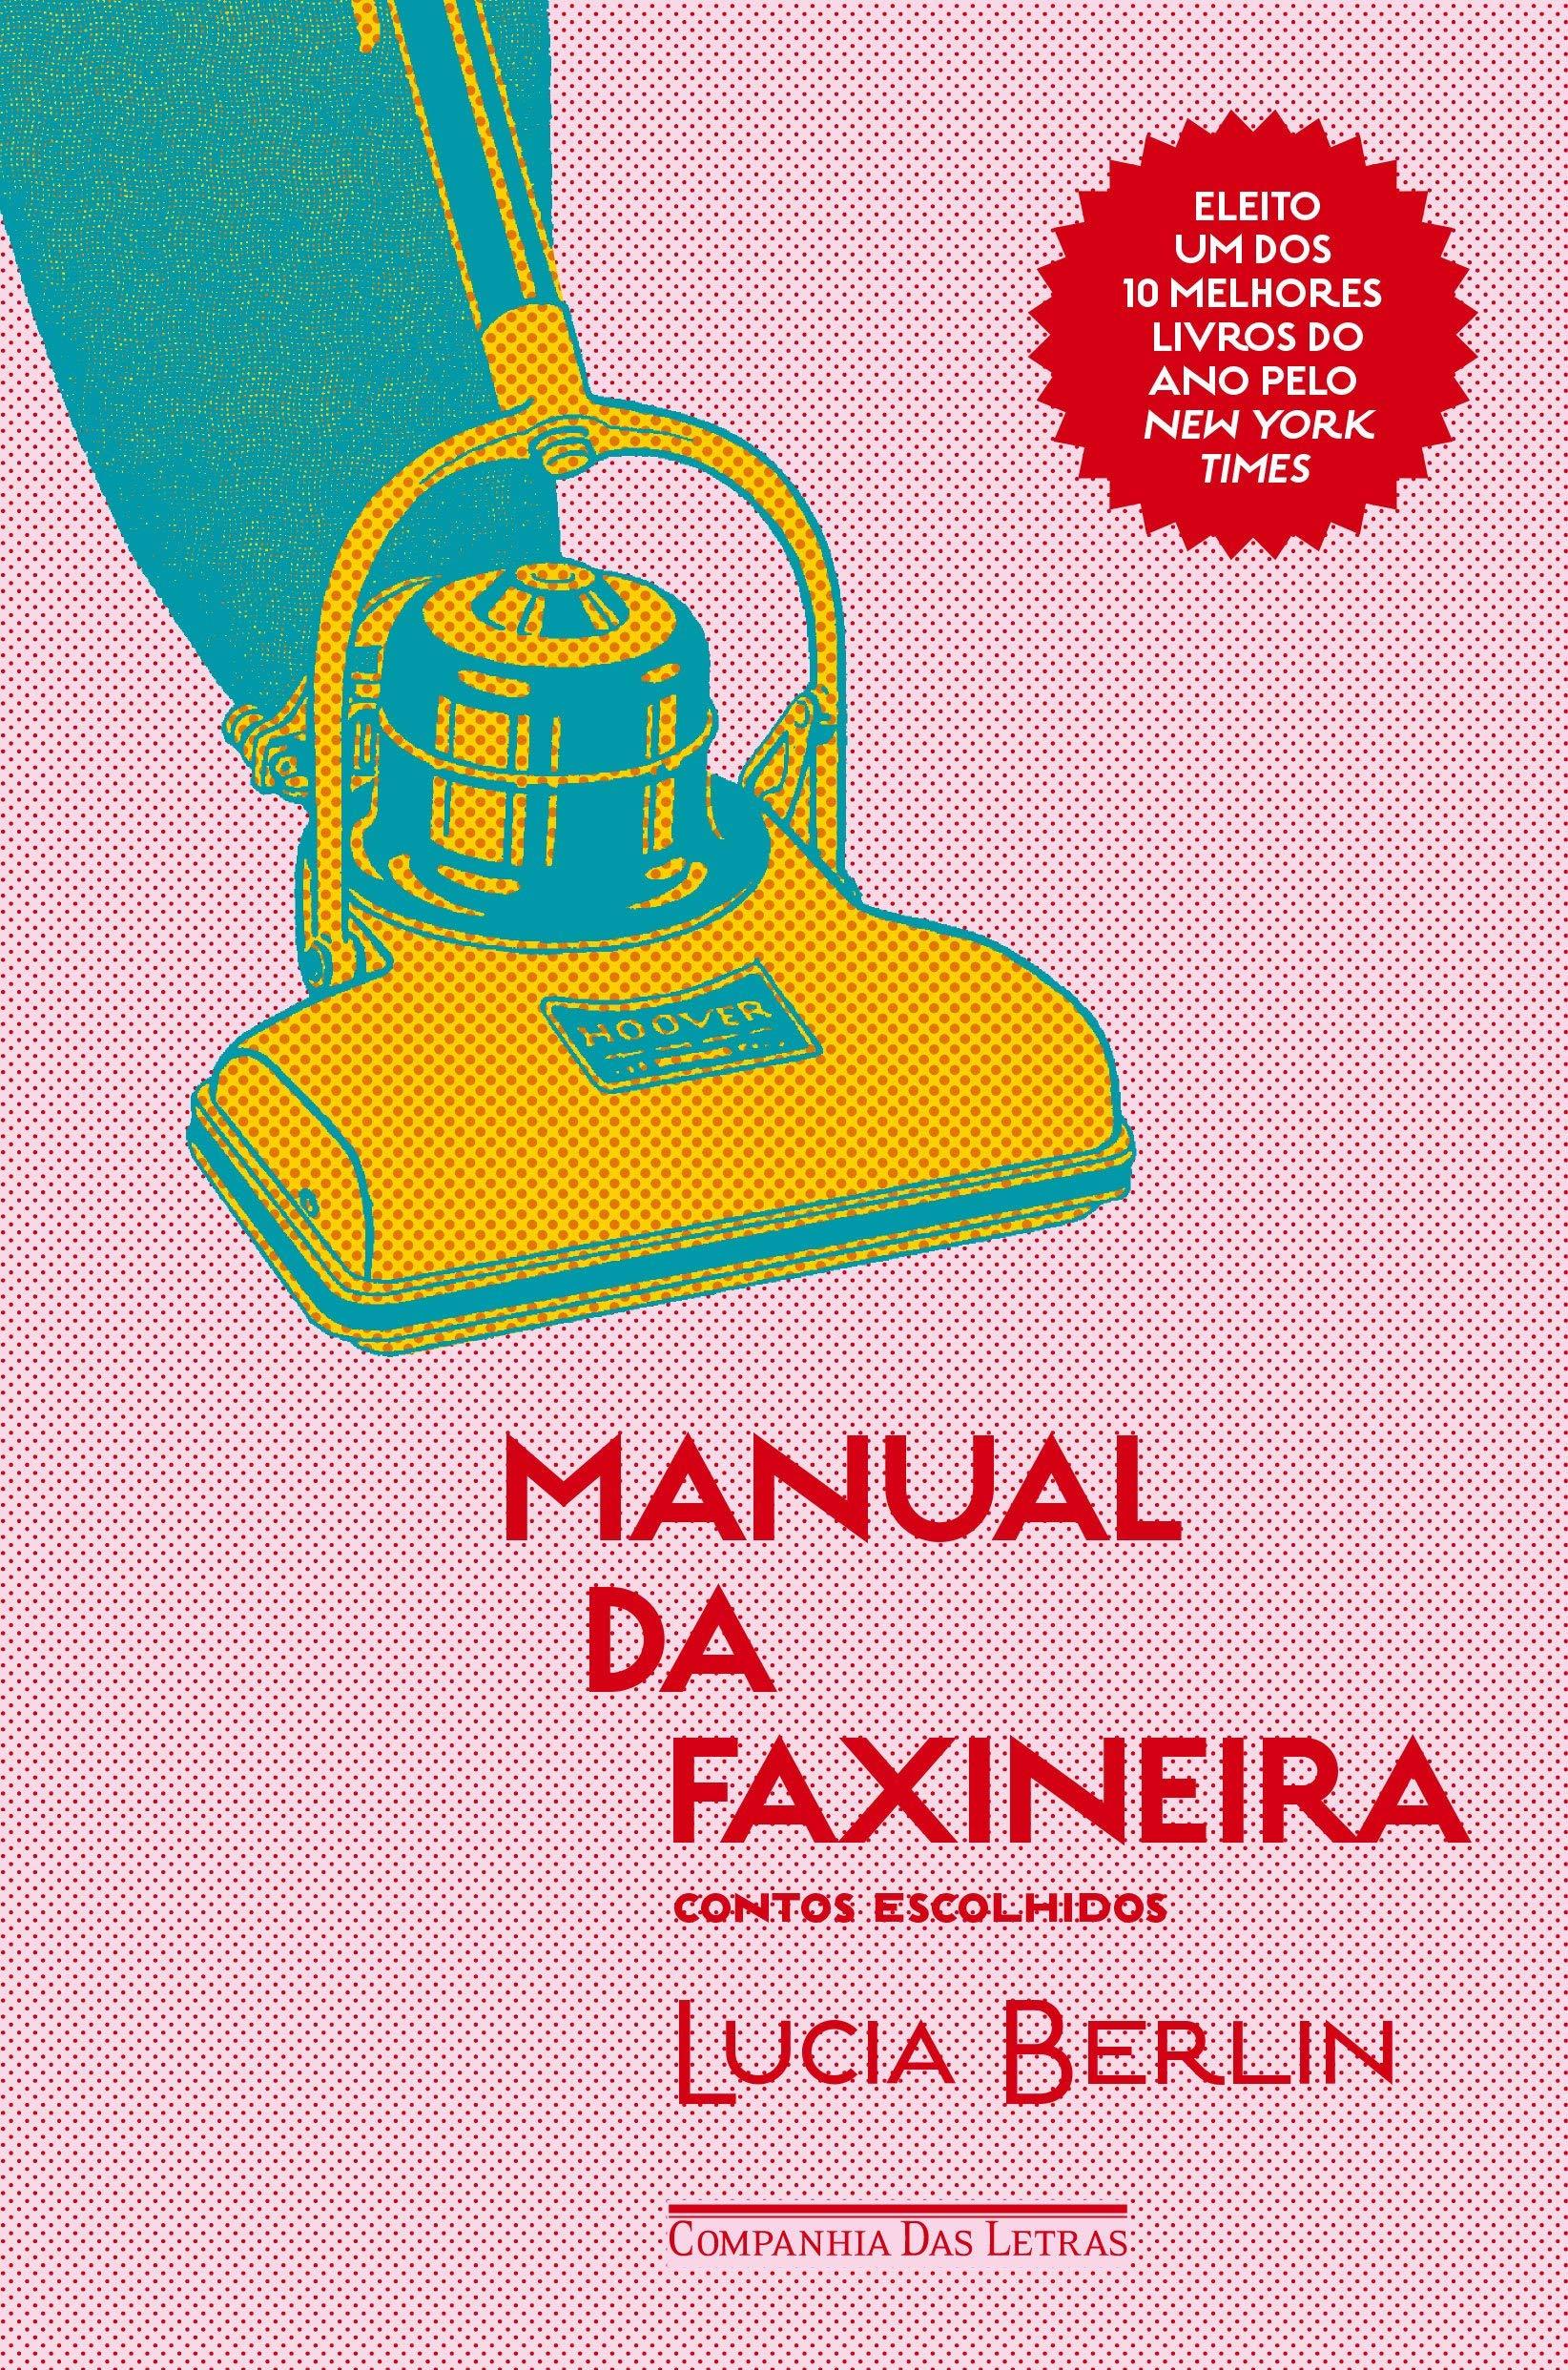 Manual da faxineira | Amazon.com.br